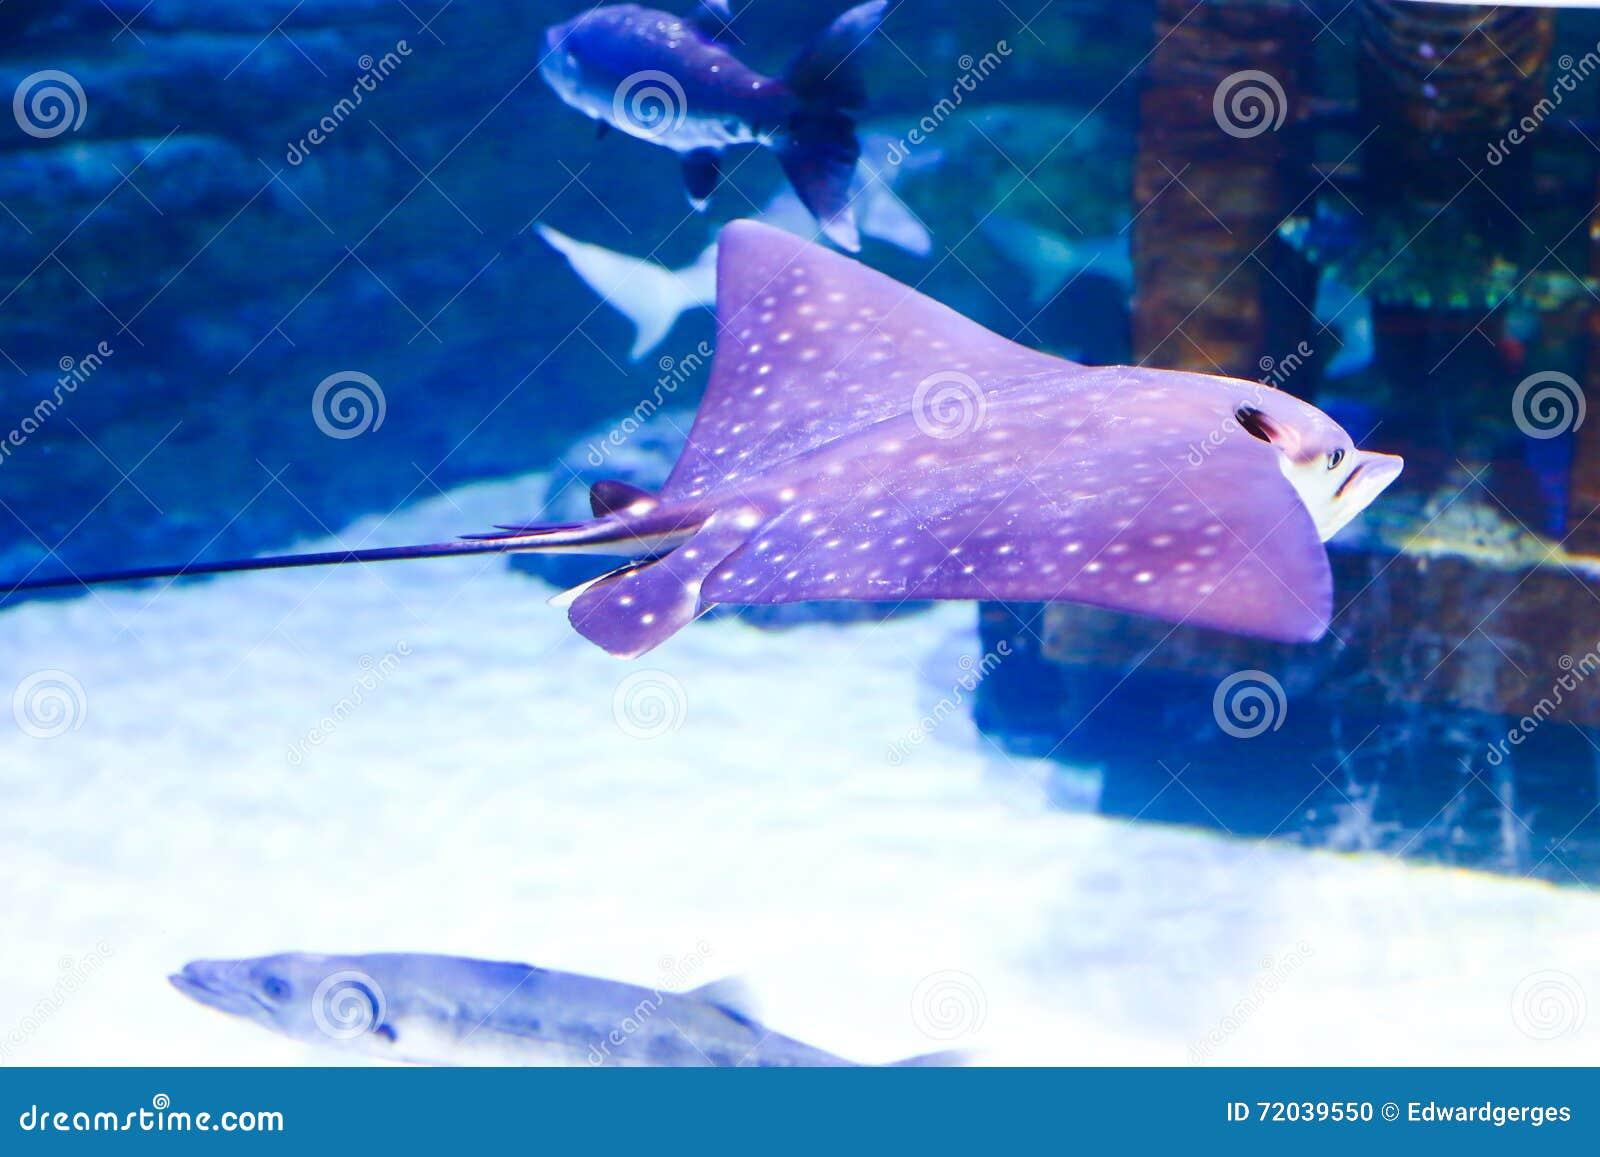 女用蛤蜊birostris鱼-相框如何用披巾壳v蛤蜊飞鱼图片